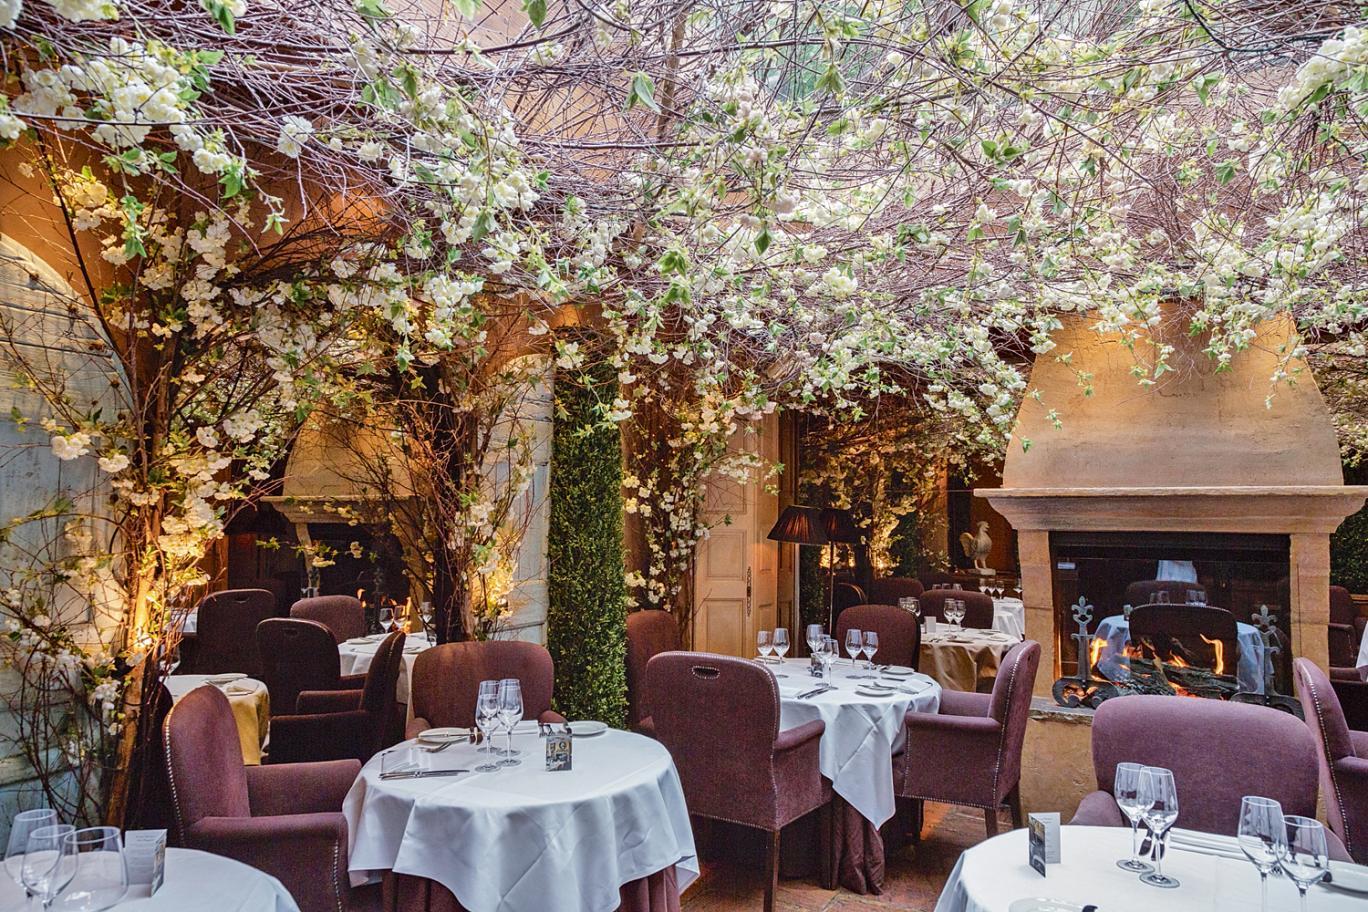 A 10 legromantikusabb étterem és bár Londonban: hova vidd a párod Valentin nap alkalmából 1